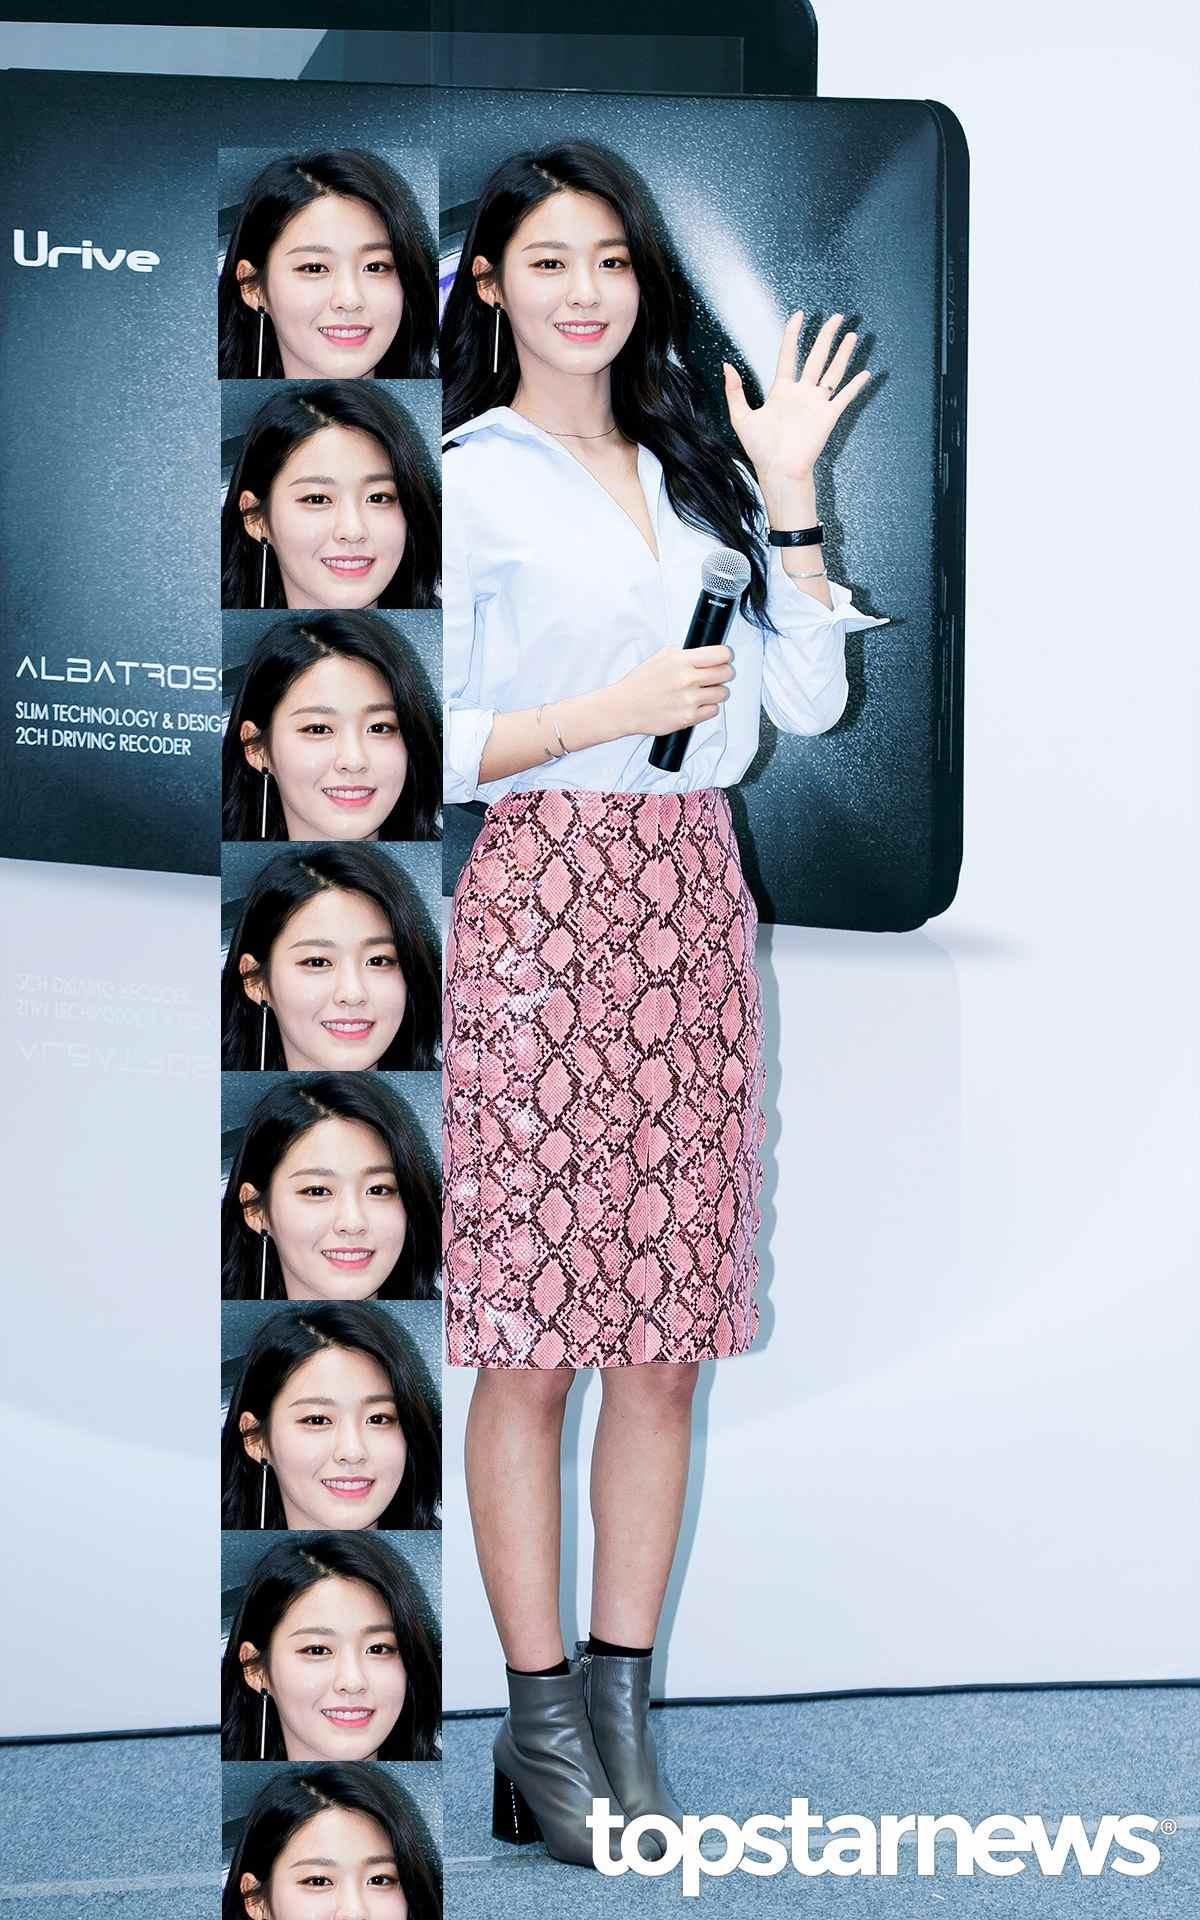 雪炫167公分的身材比例絕對可以說是重量級,不僅在韓國街道上隨處可見(?)雪炫的廣告,就連打開電視就好像打開雪炫王國,雪炫同時有清純和性感兩種魅力也是她近期值漸受到矚目雲因之一阿~~